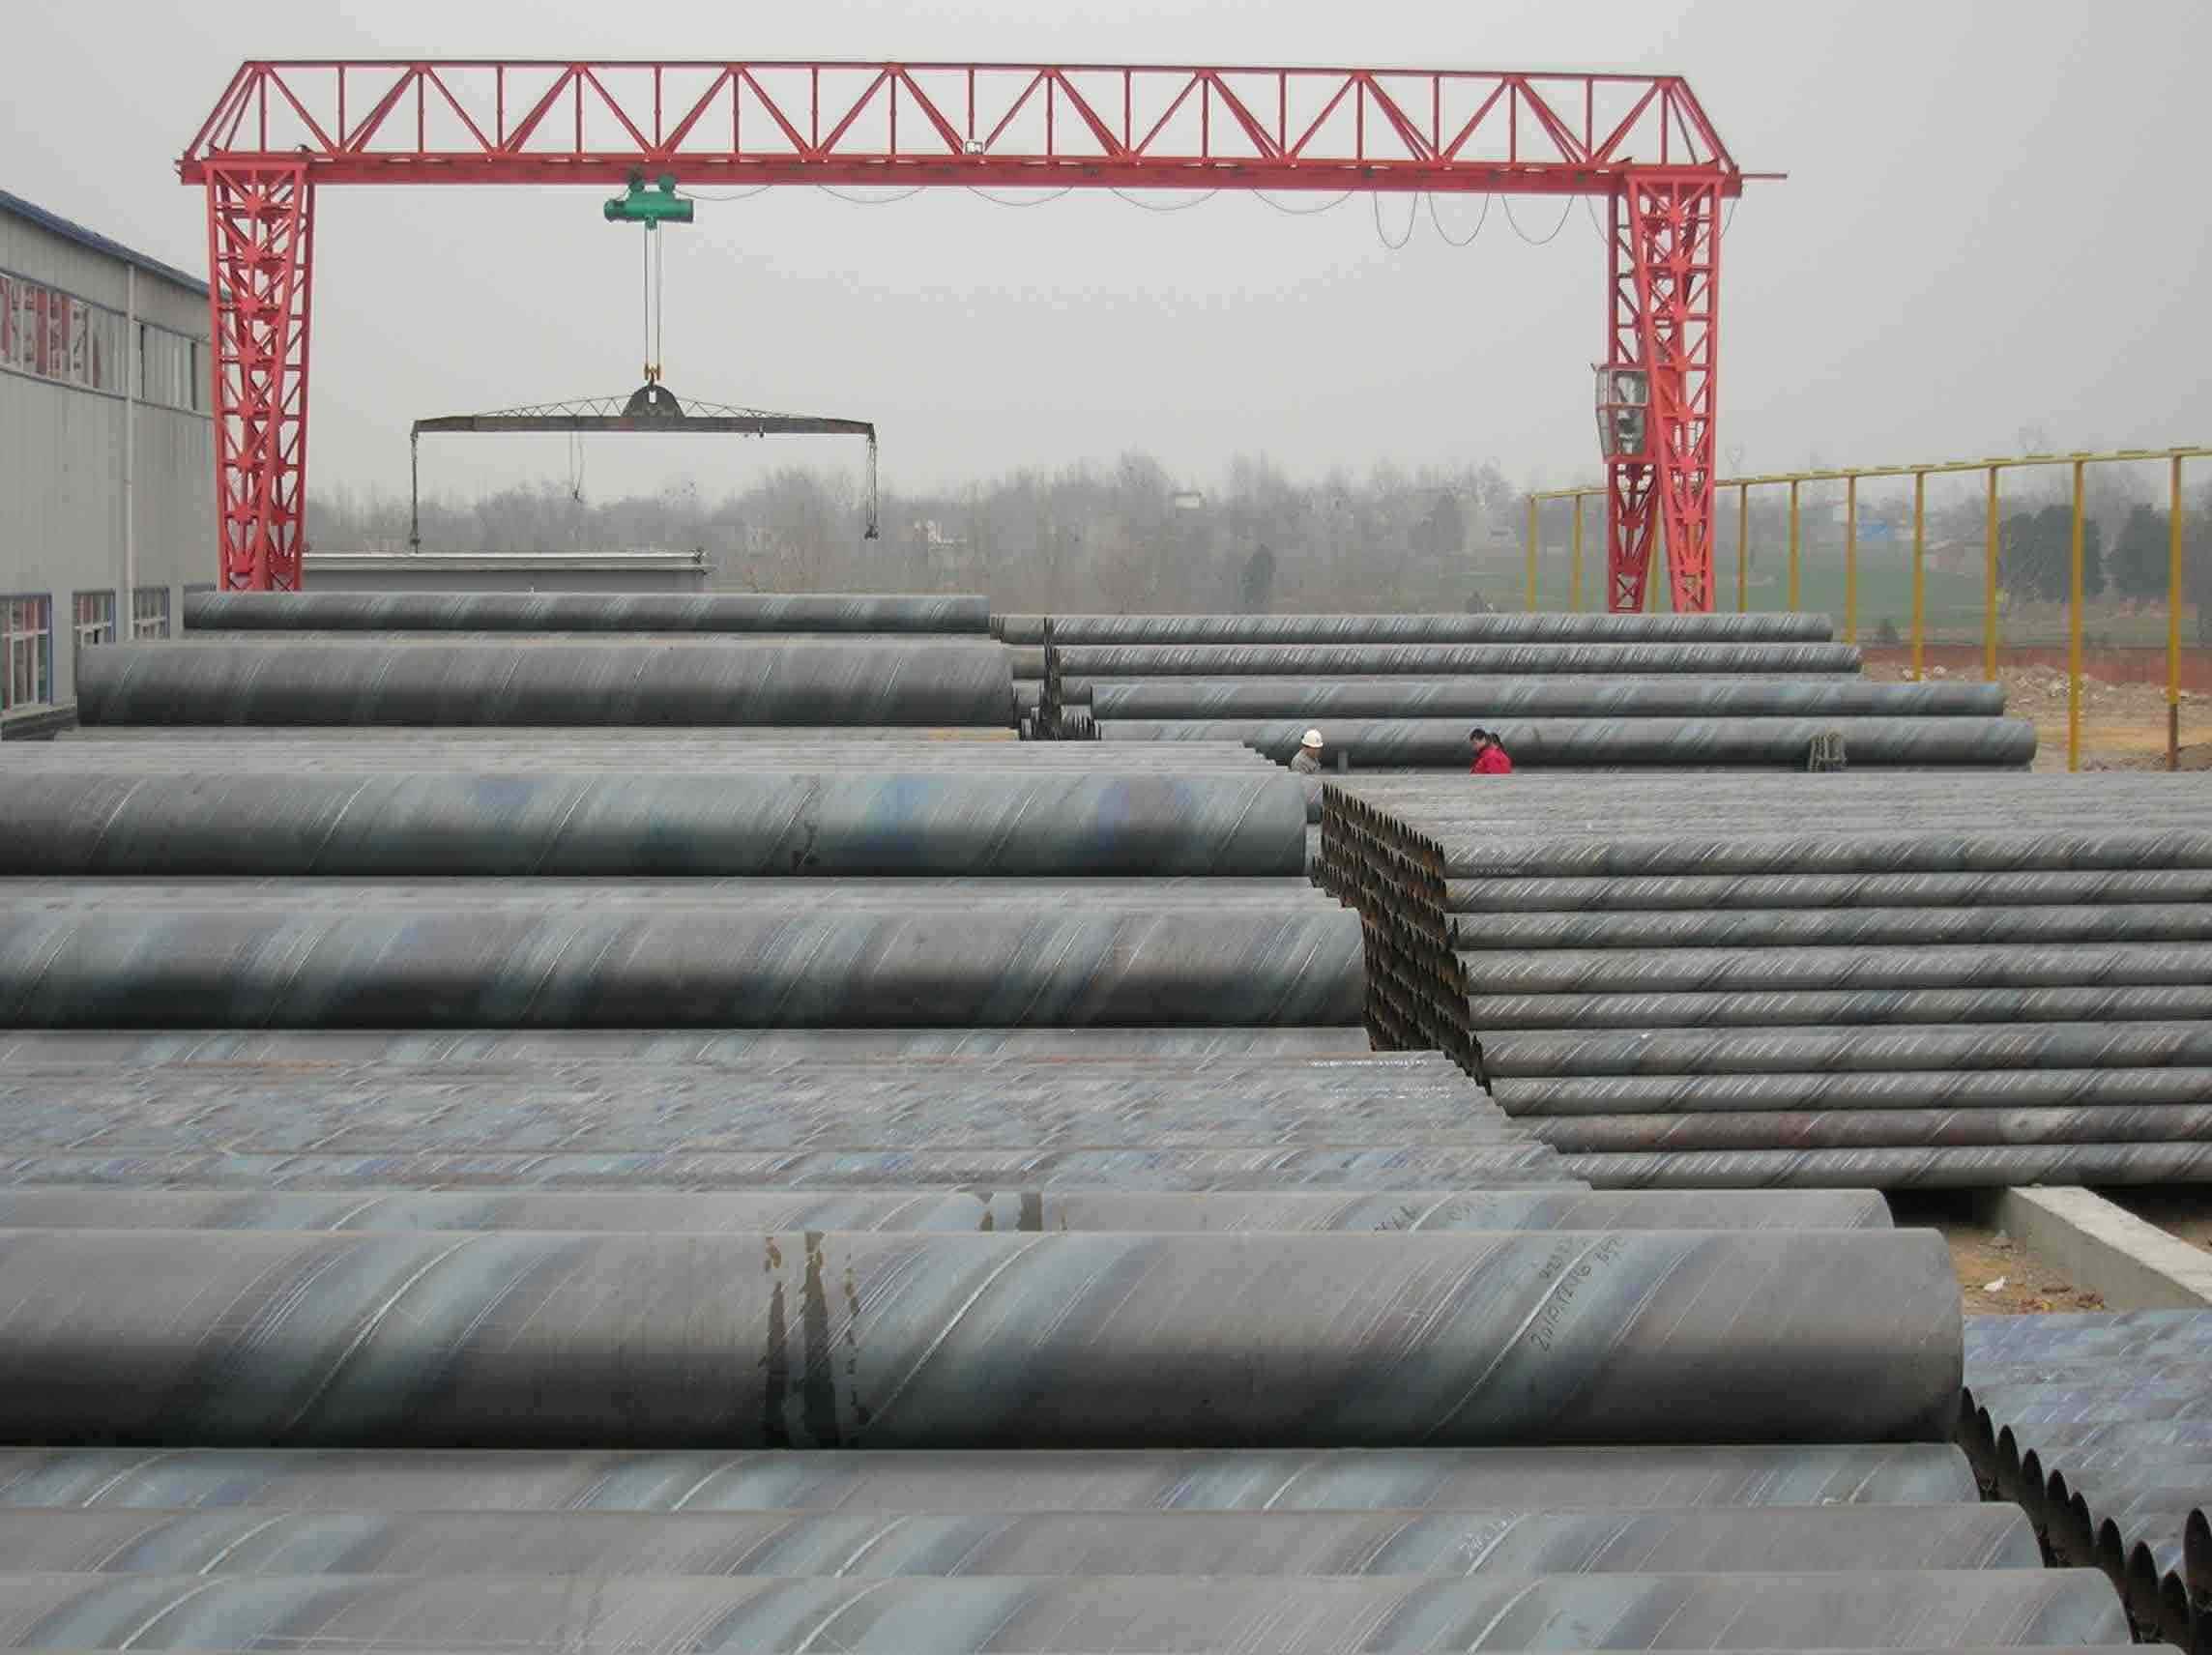 螺旋管大口径螺旋管螺旋管生产厂家螺旋管价格天津螺旋管